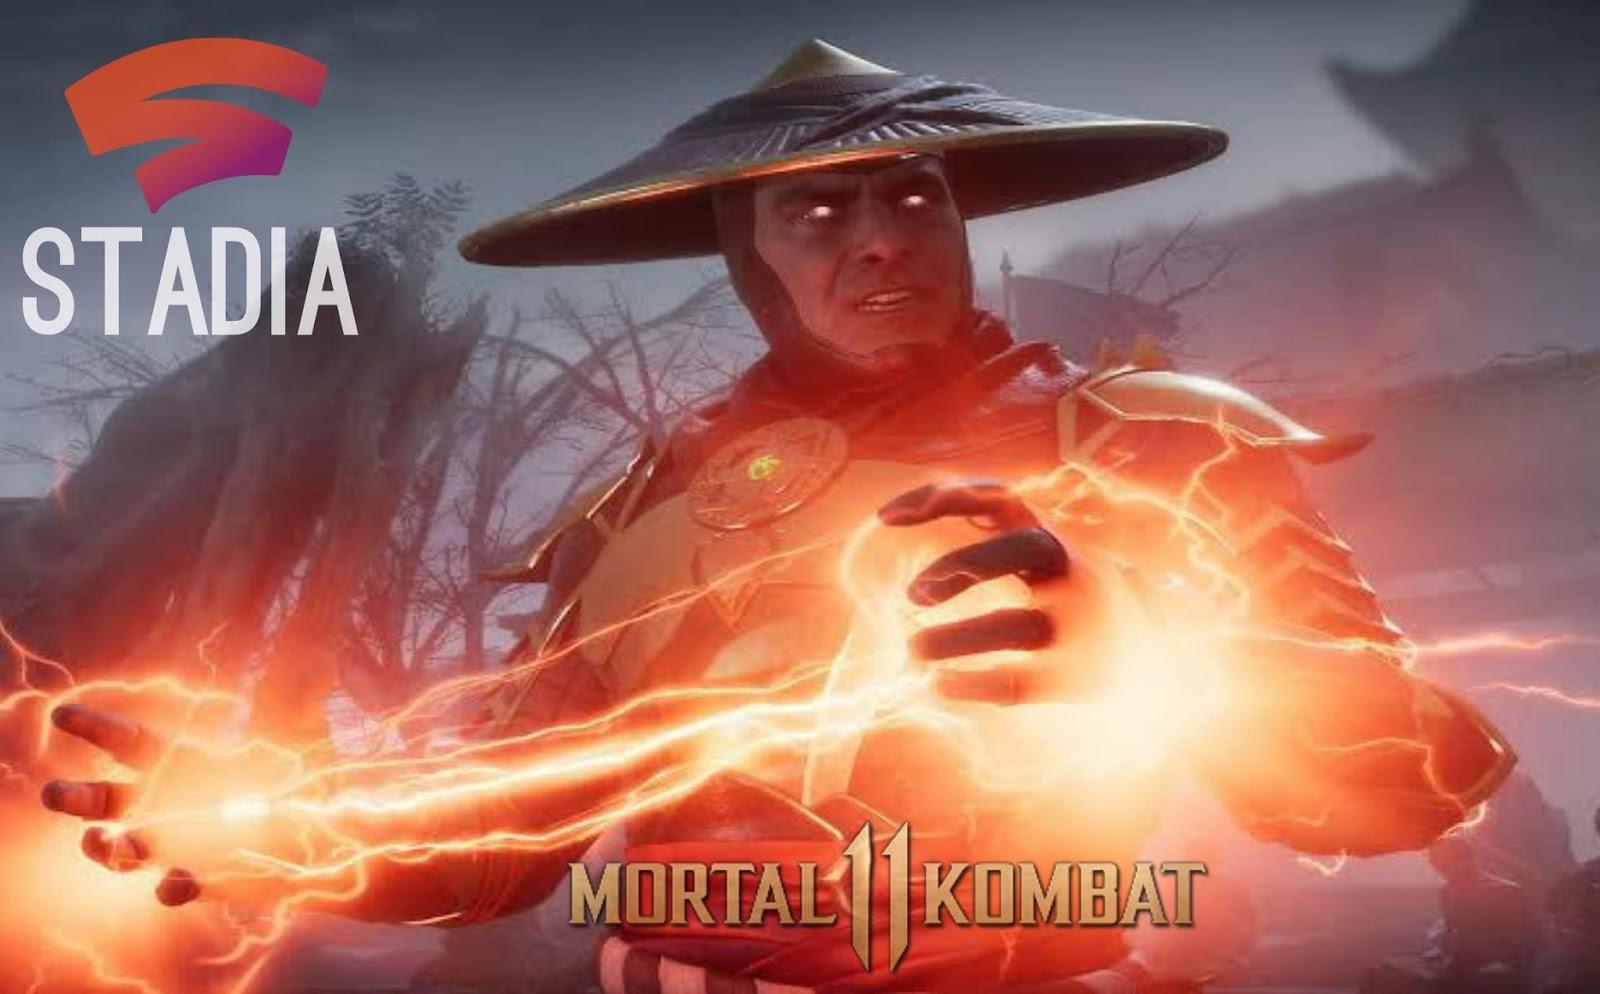 game, stadia, mortal kombat 11, game terbaru, game terbaik, game stadia,